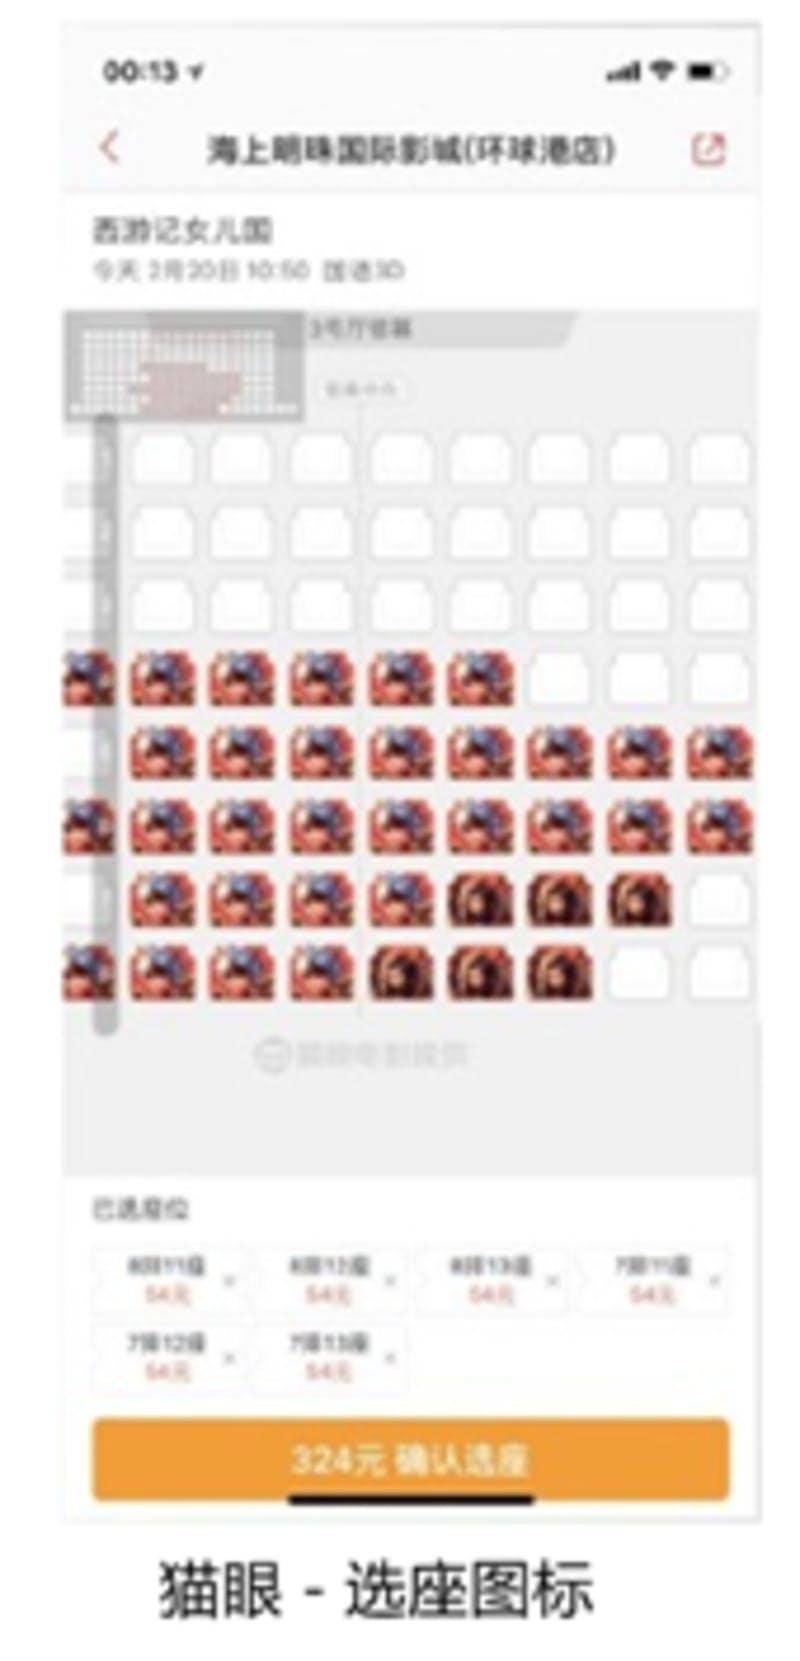 ▲猫眼電影のアプリ内の座席選択画面で、選択できる座席のアイコンを用いた広告出稿の例